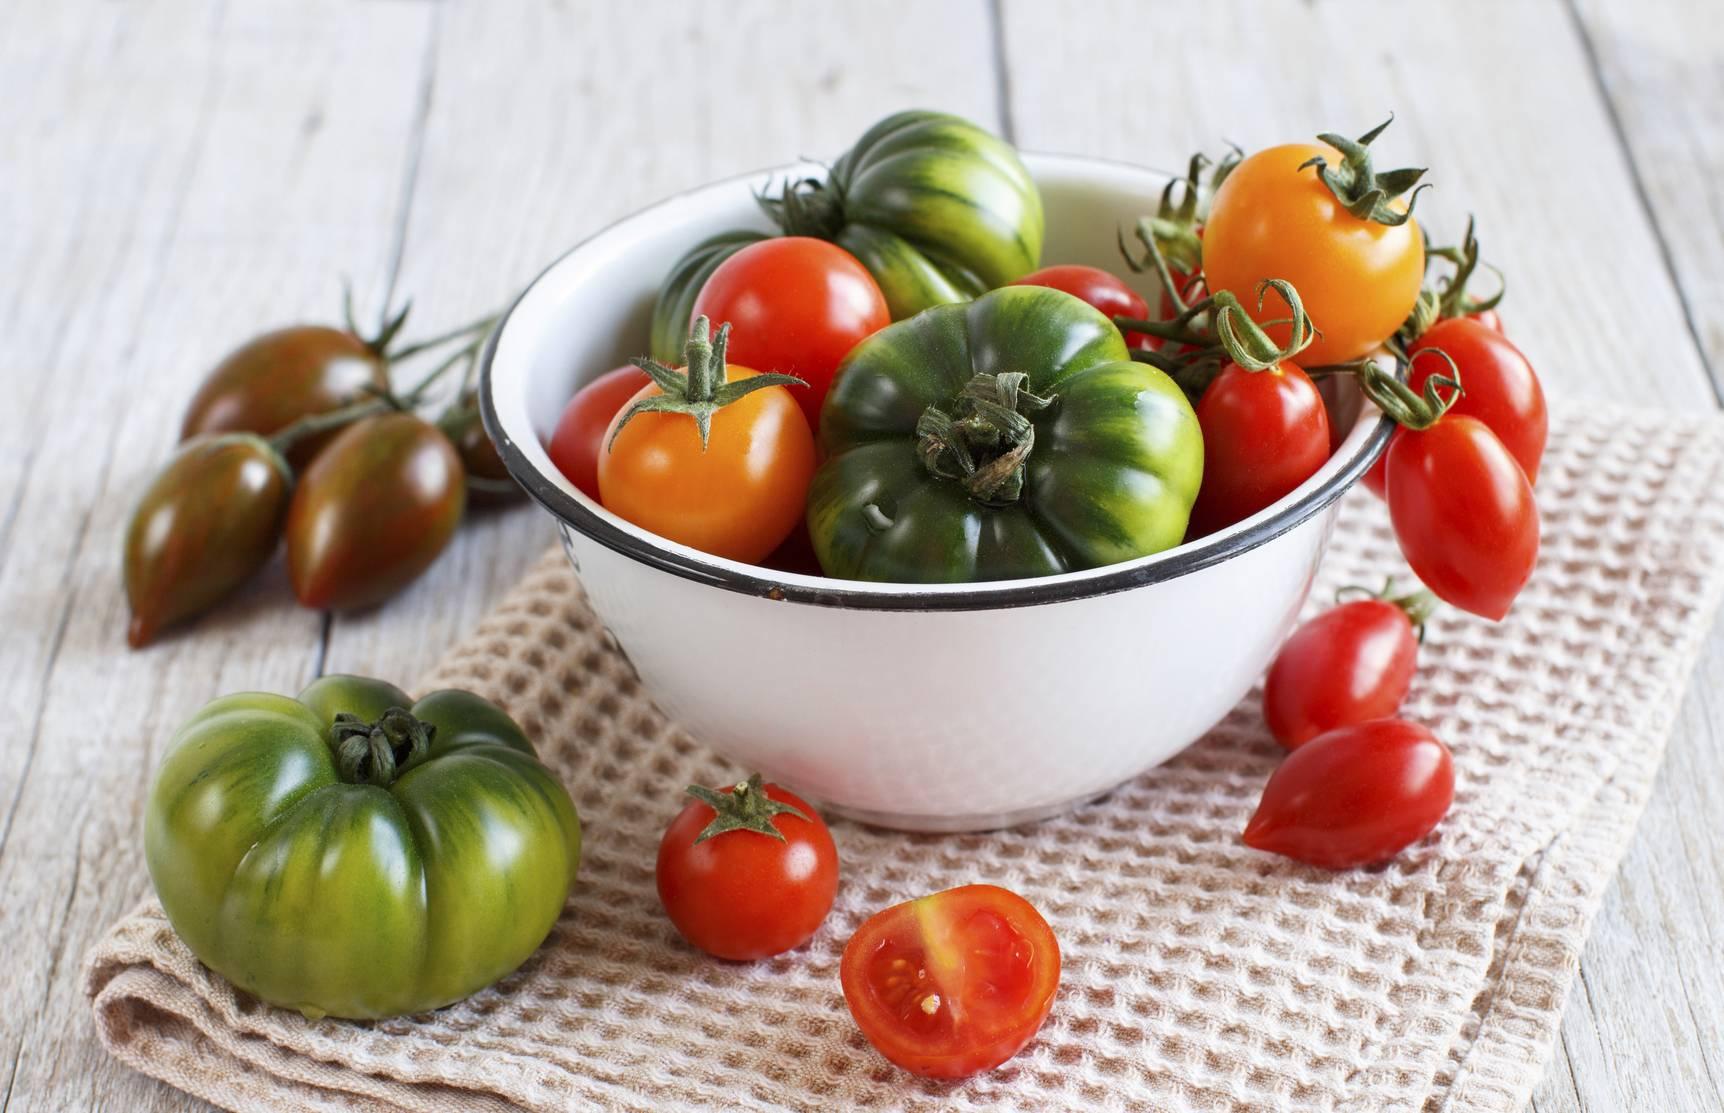 jardin quelles vari t s anciennes de tomates planter dans votre potager. Black Bedroom Furniture Sets. Home Design Ideas